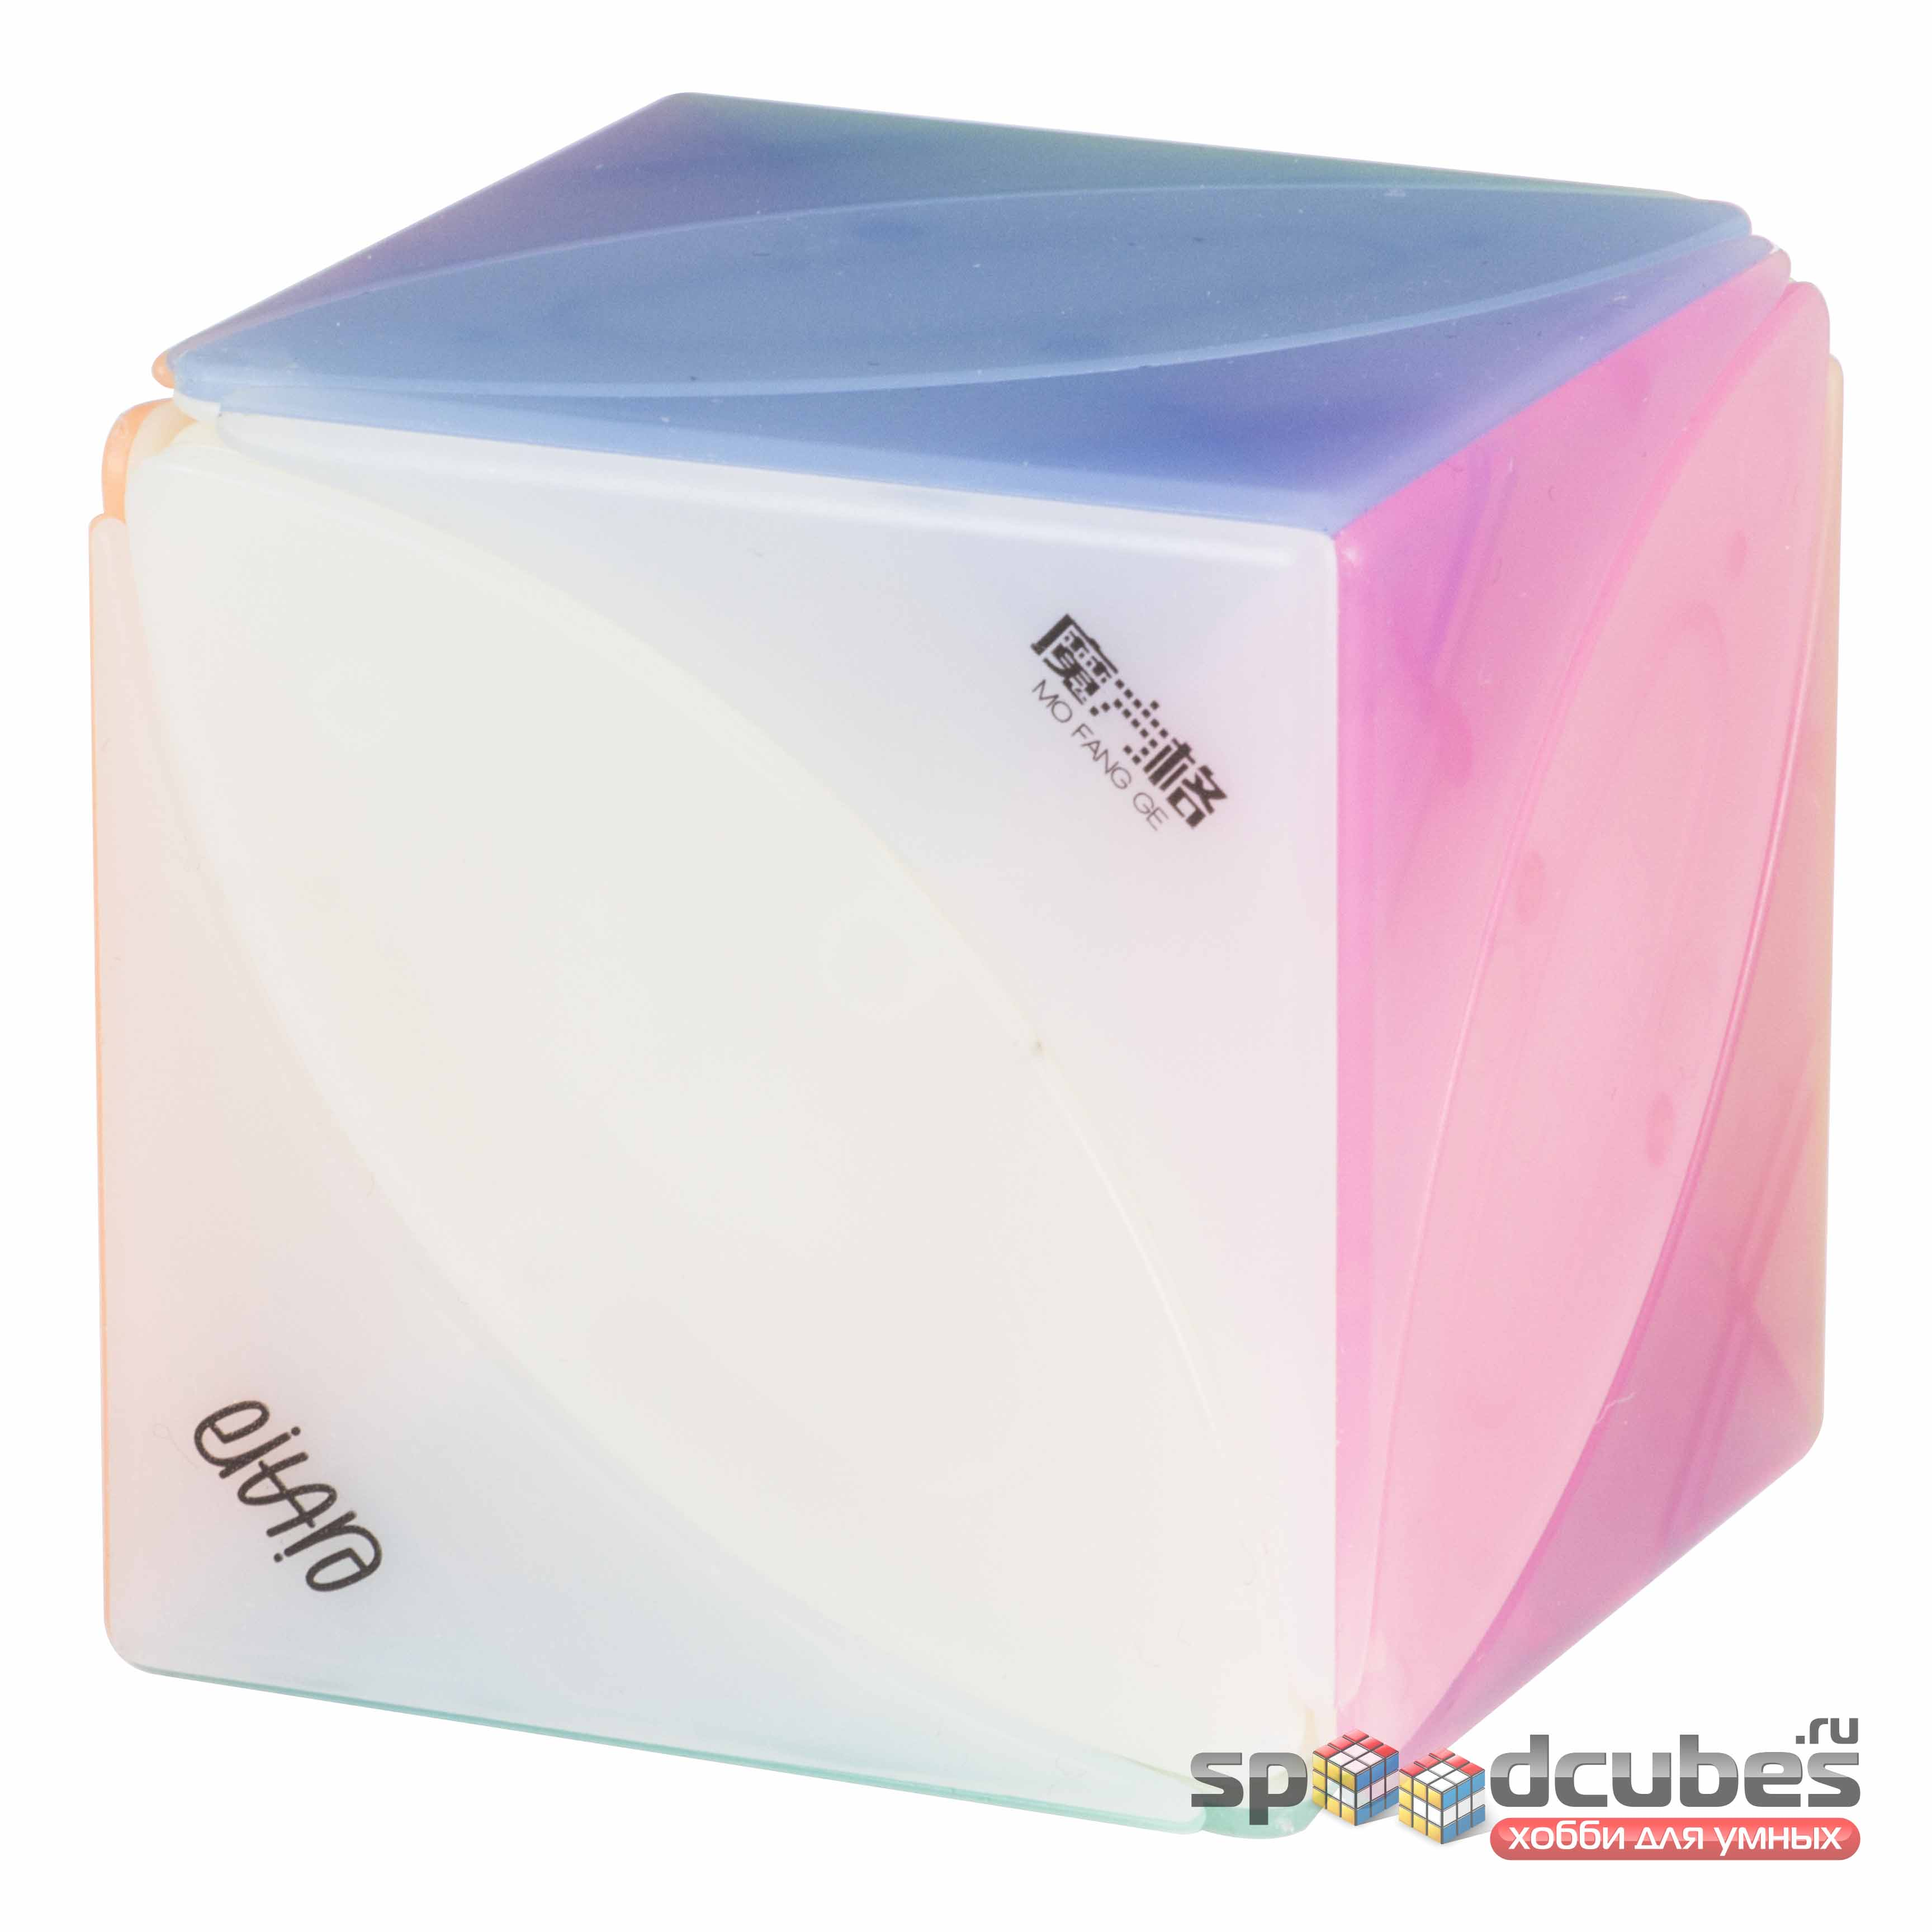 QiYi (MoFangGe) Jelly Ivy Cube 2